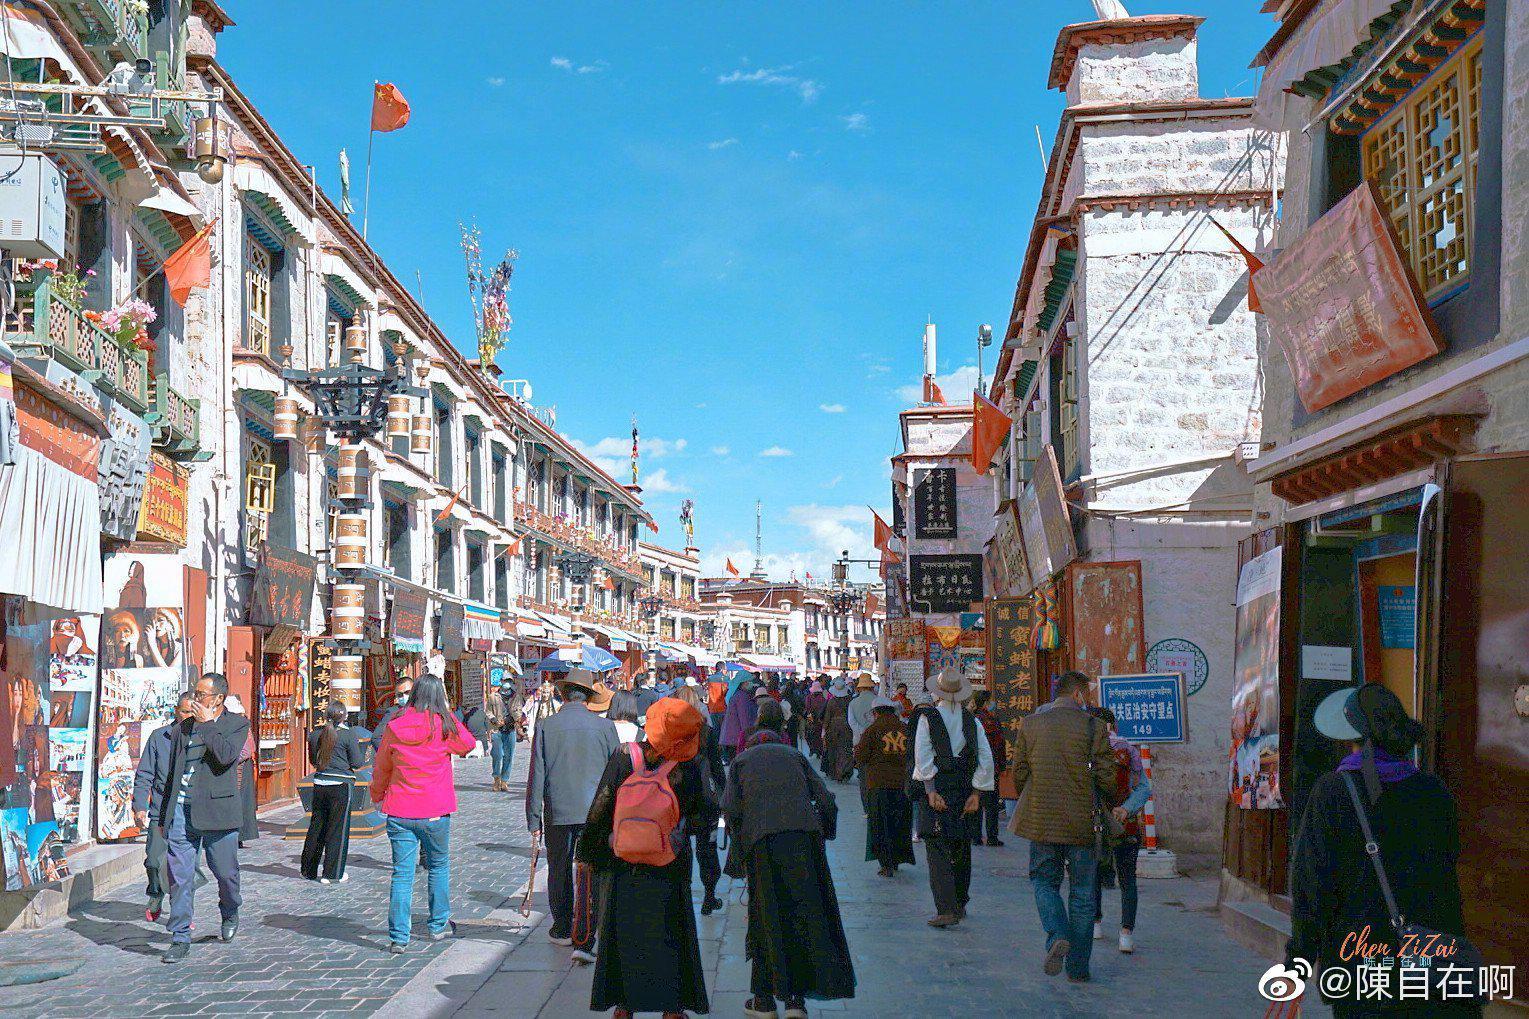 拉萨·八廓街 都说人的一生一定要去一次西藏 那么,你去过吗?……